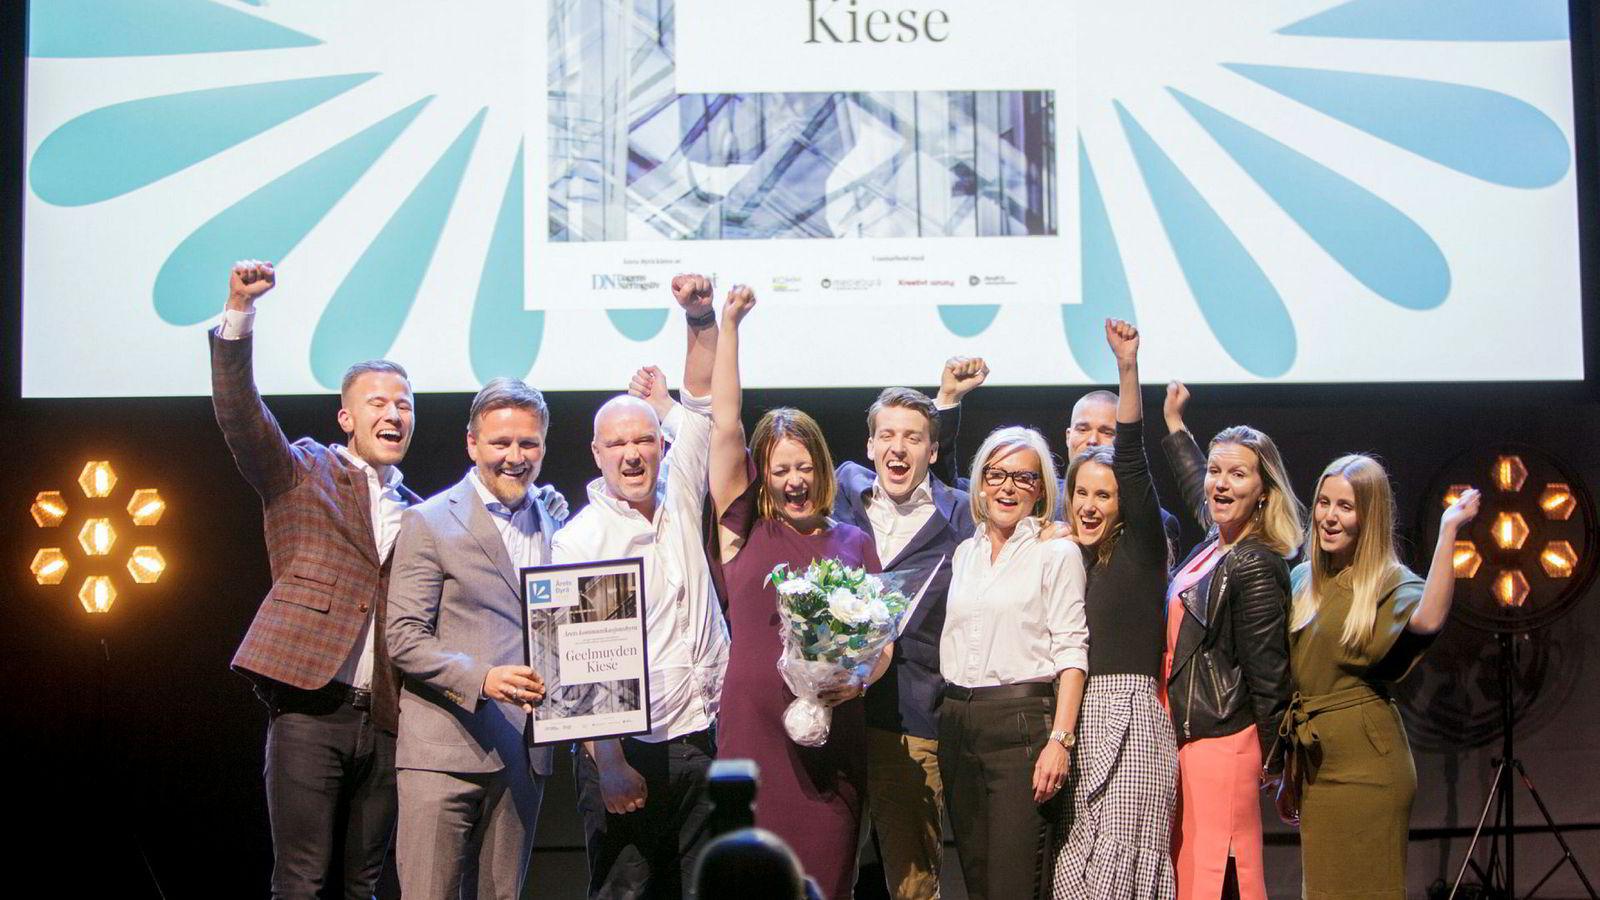 Geelmuyden Kiese vant prisen for årets kommunikasjonsbyrå under Årets Byrå-utdelingen i Oslo Konserthus torsdag kveld.